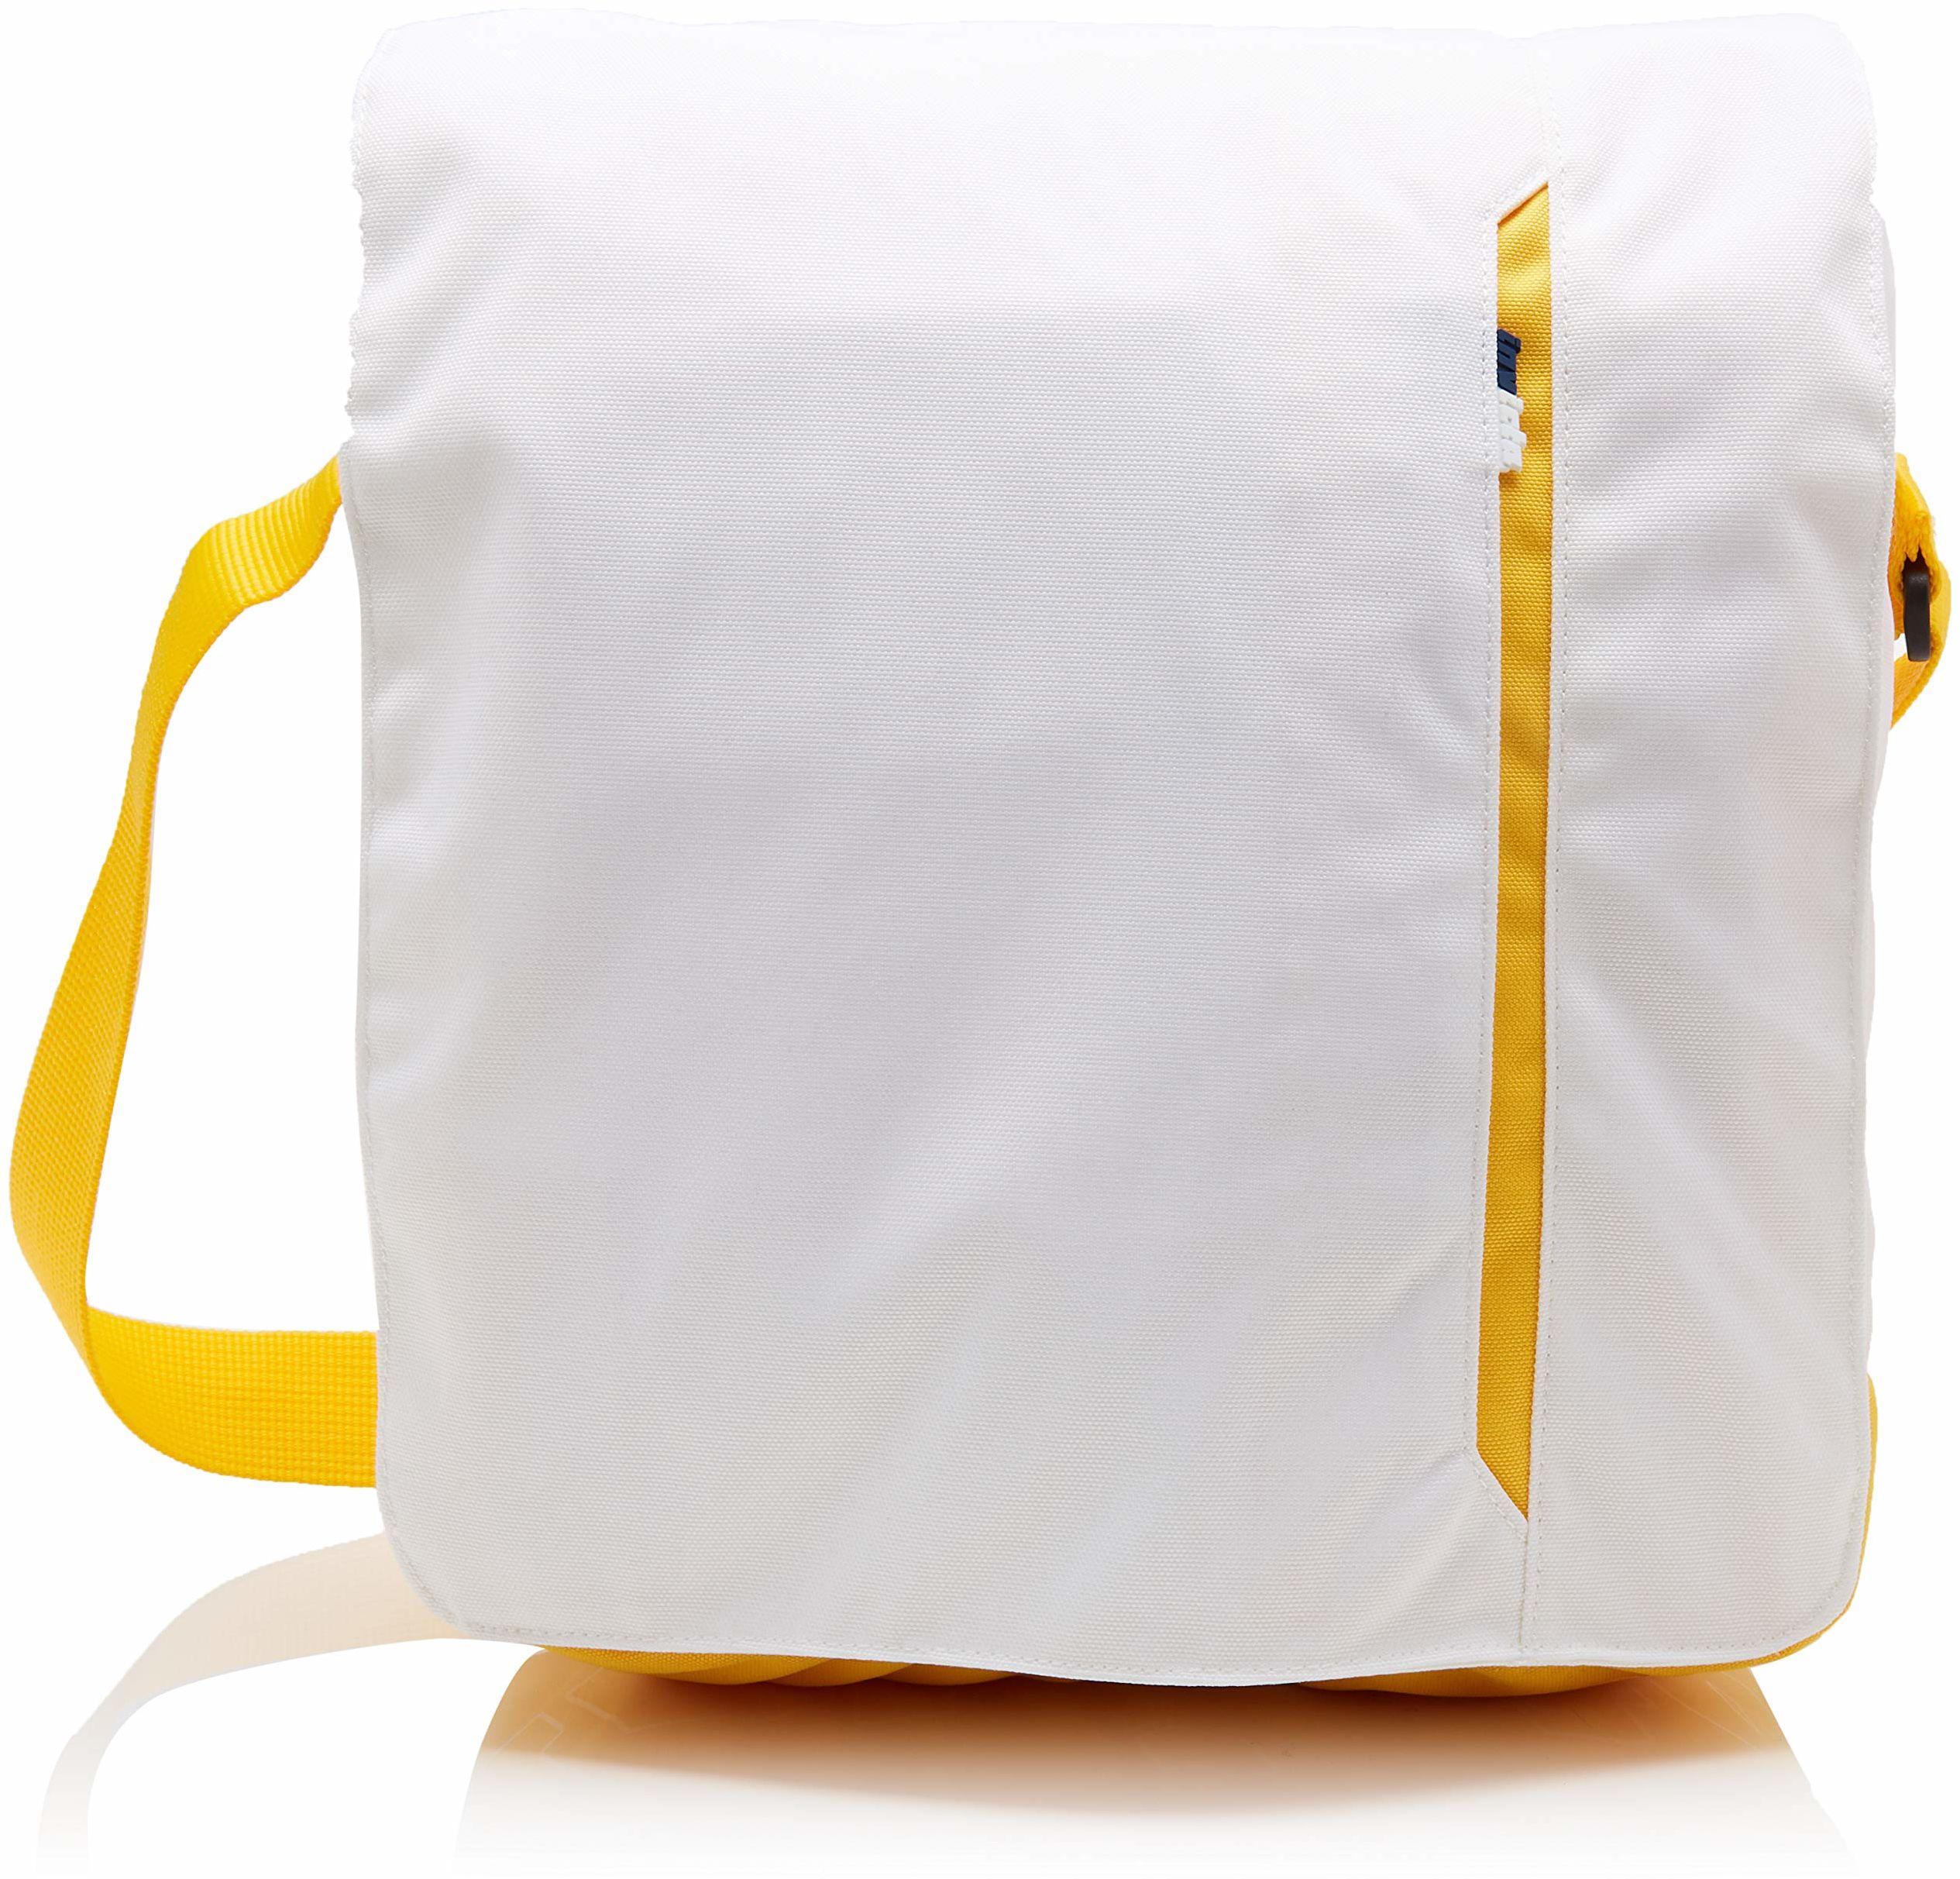 Invicta Torba kurierska w średnim kolorze na ramię, 30 cm, 9 litrów, biała (Bianco Arancione)